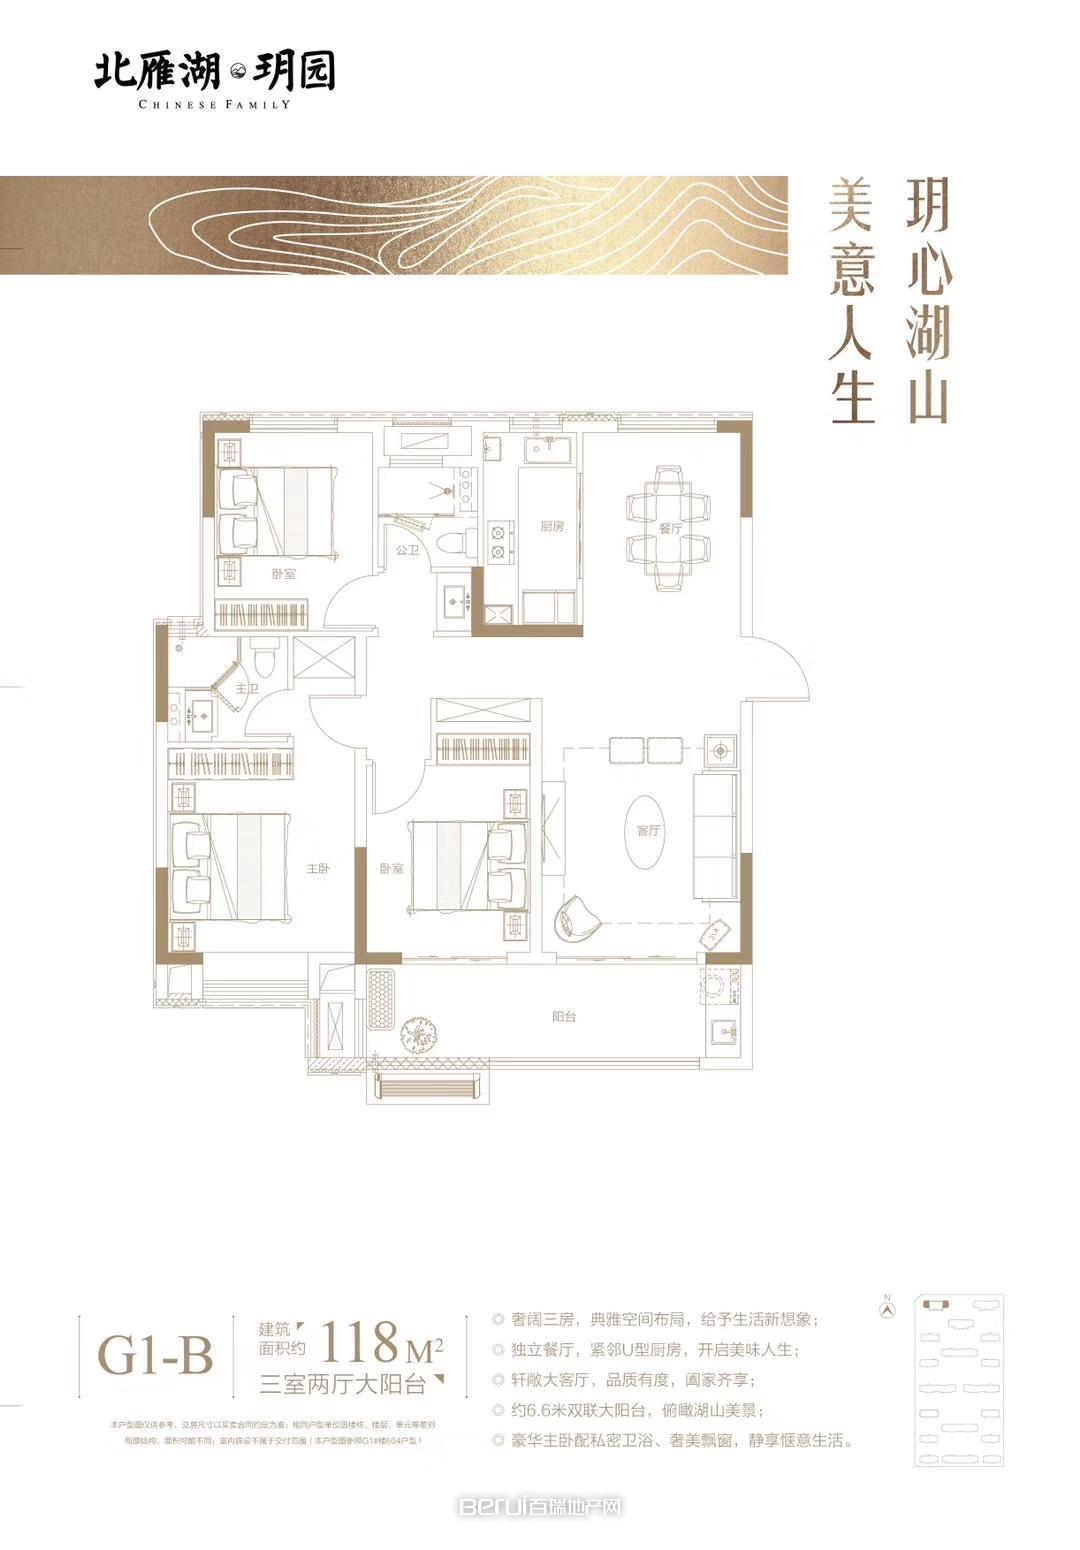 北雁湖玥园G1—B户型